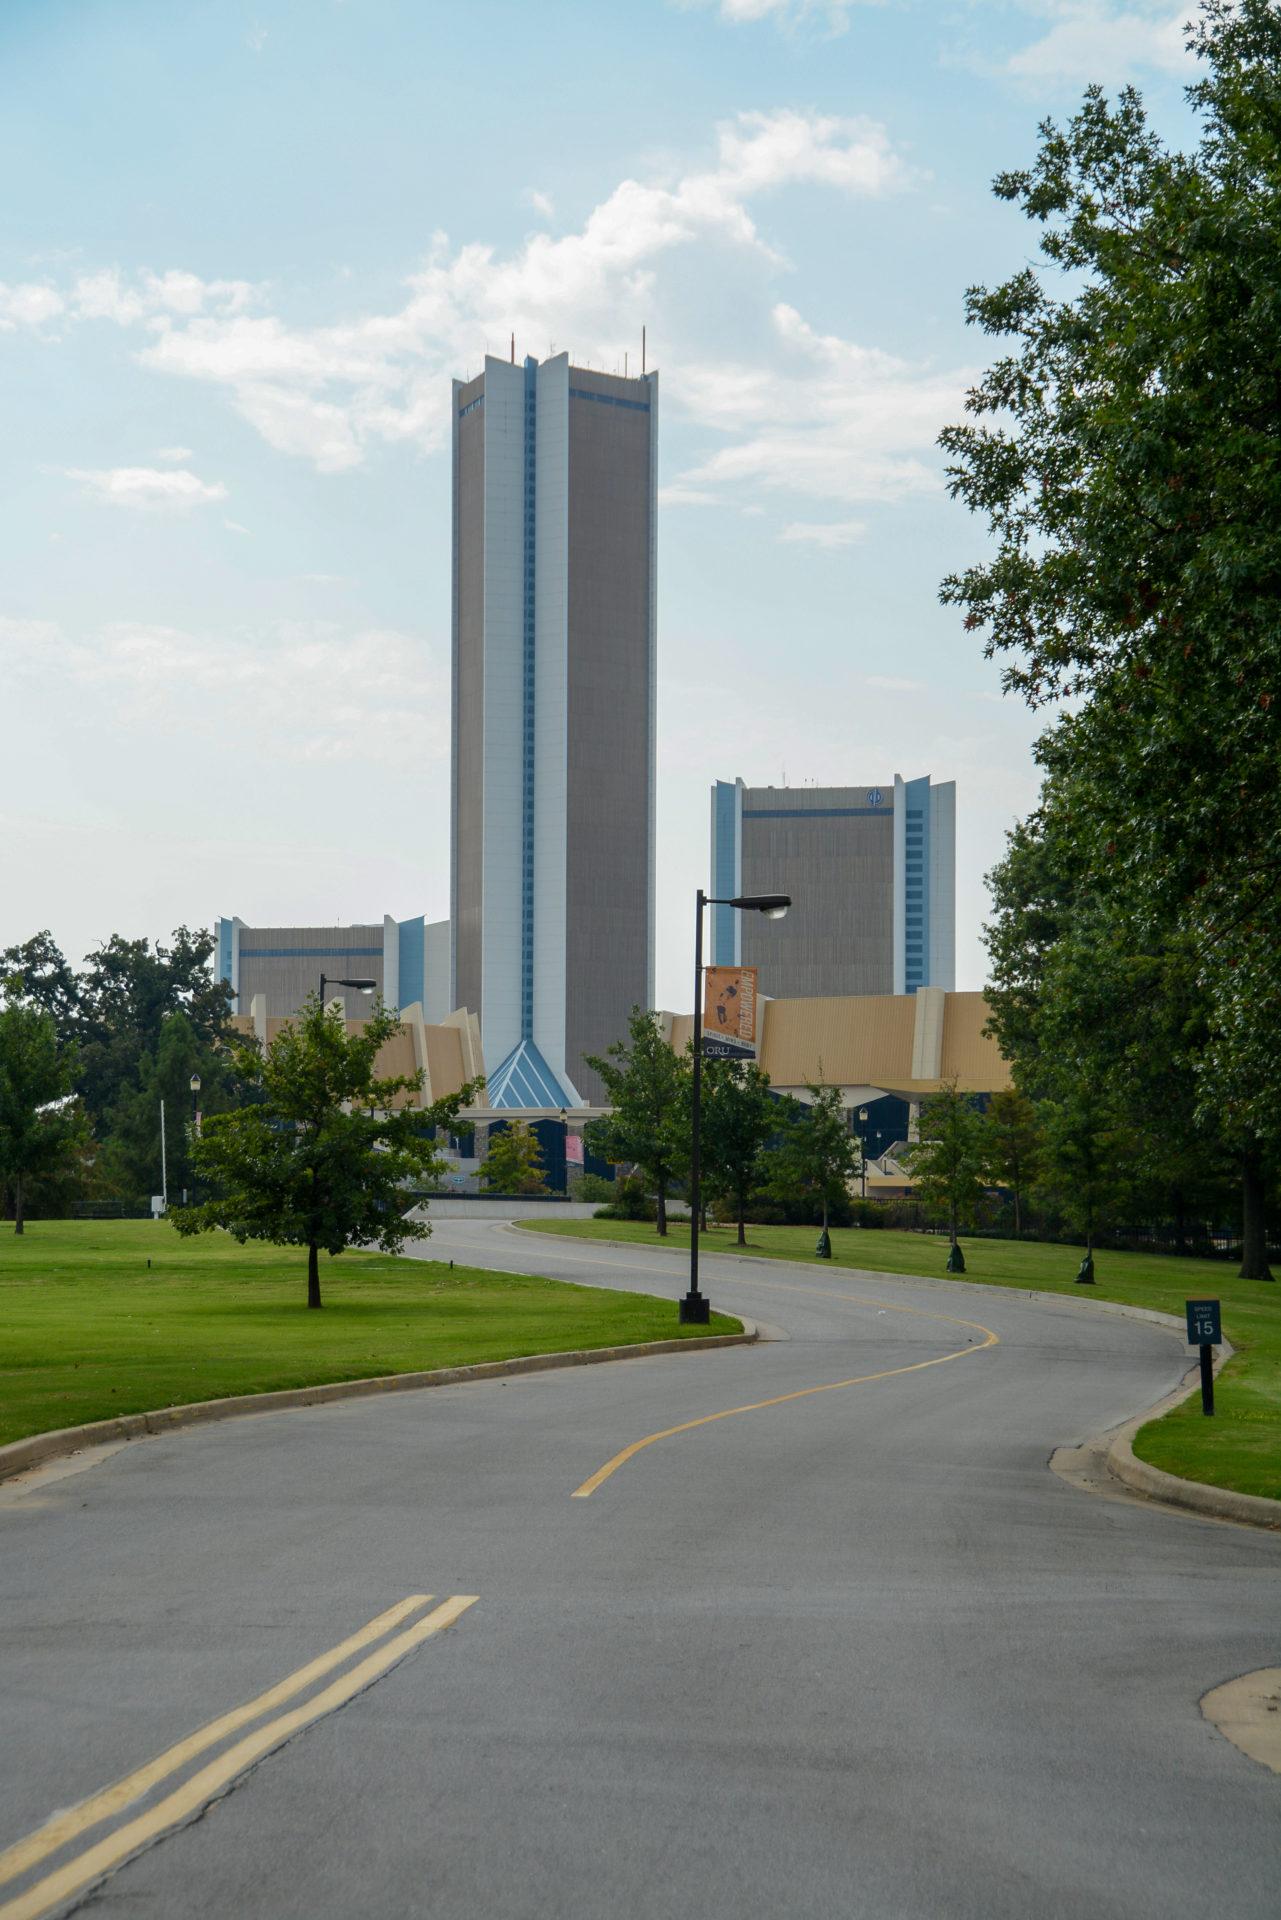 Menschenleerer Campus der religiösen Universität in Campus